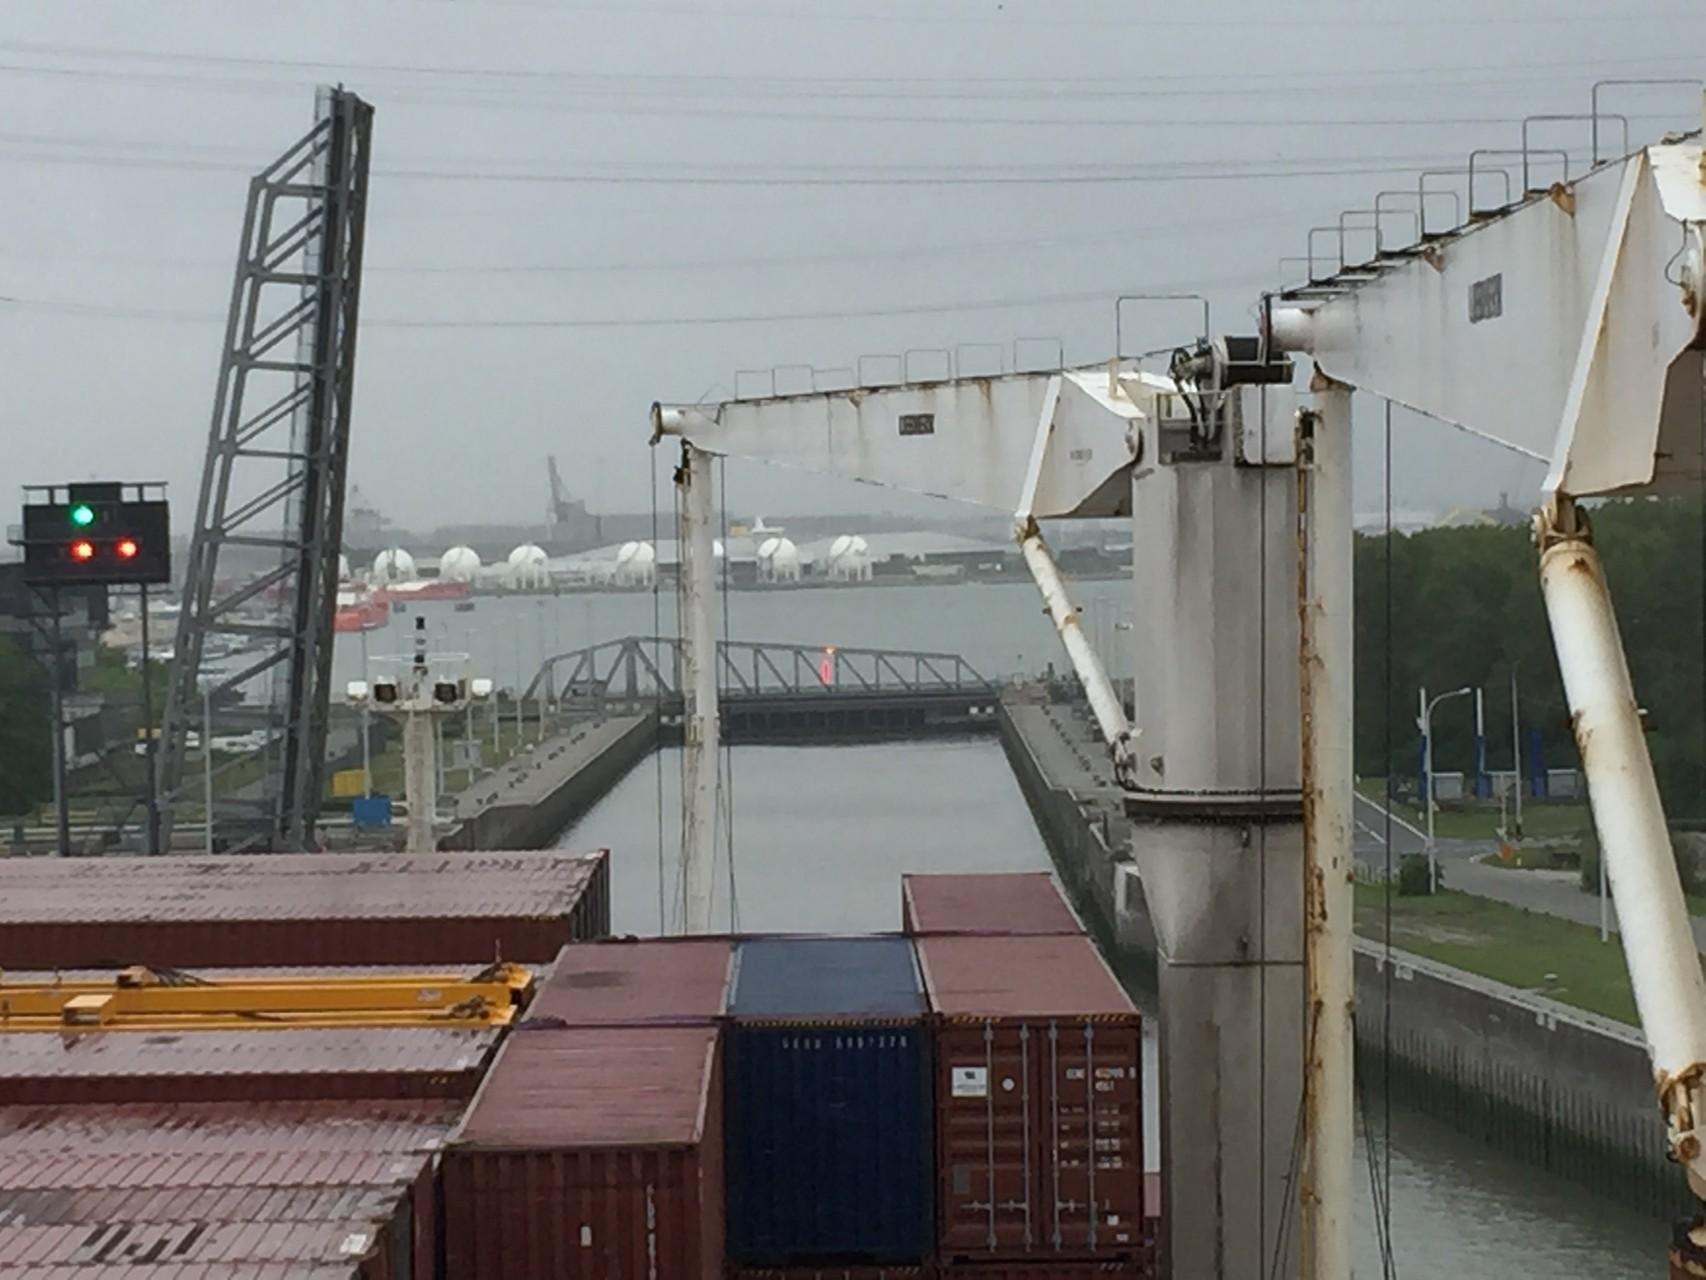 Einfahrt Schleuse in Antwerpen